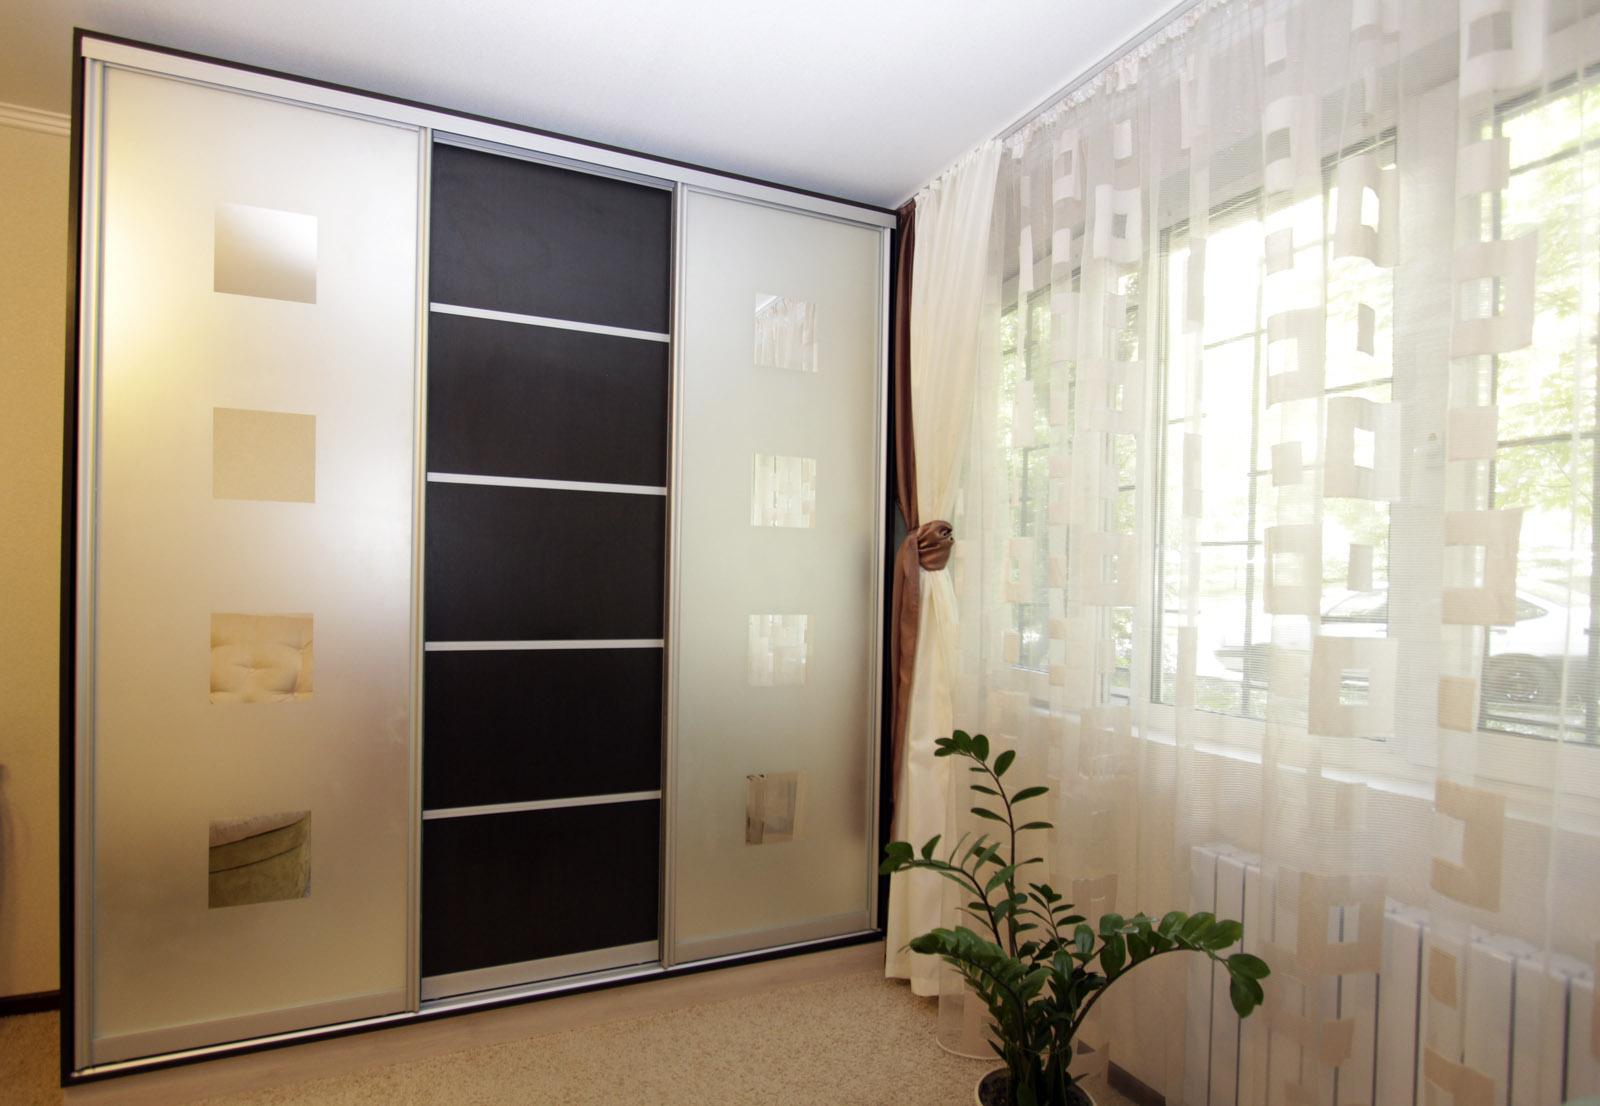 Conception d'armoire